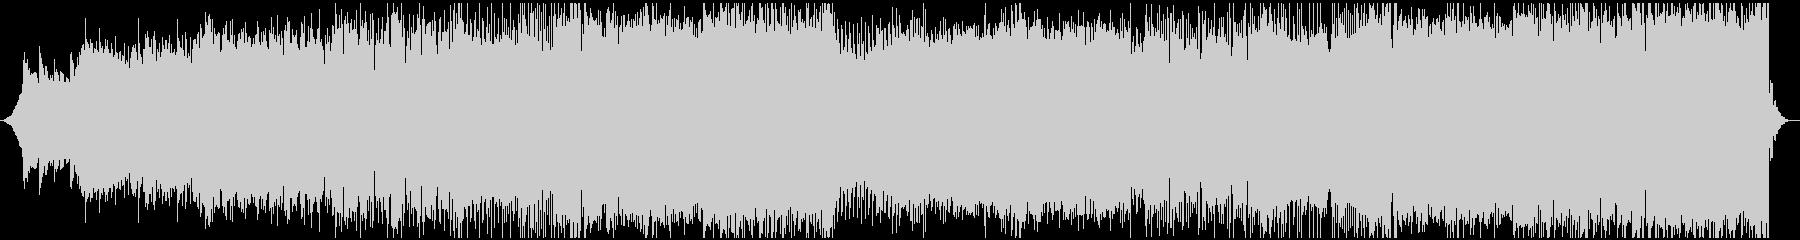 シンセリードメインのキレイめEDMの未再生の波形